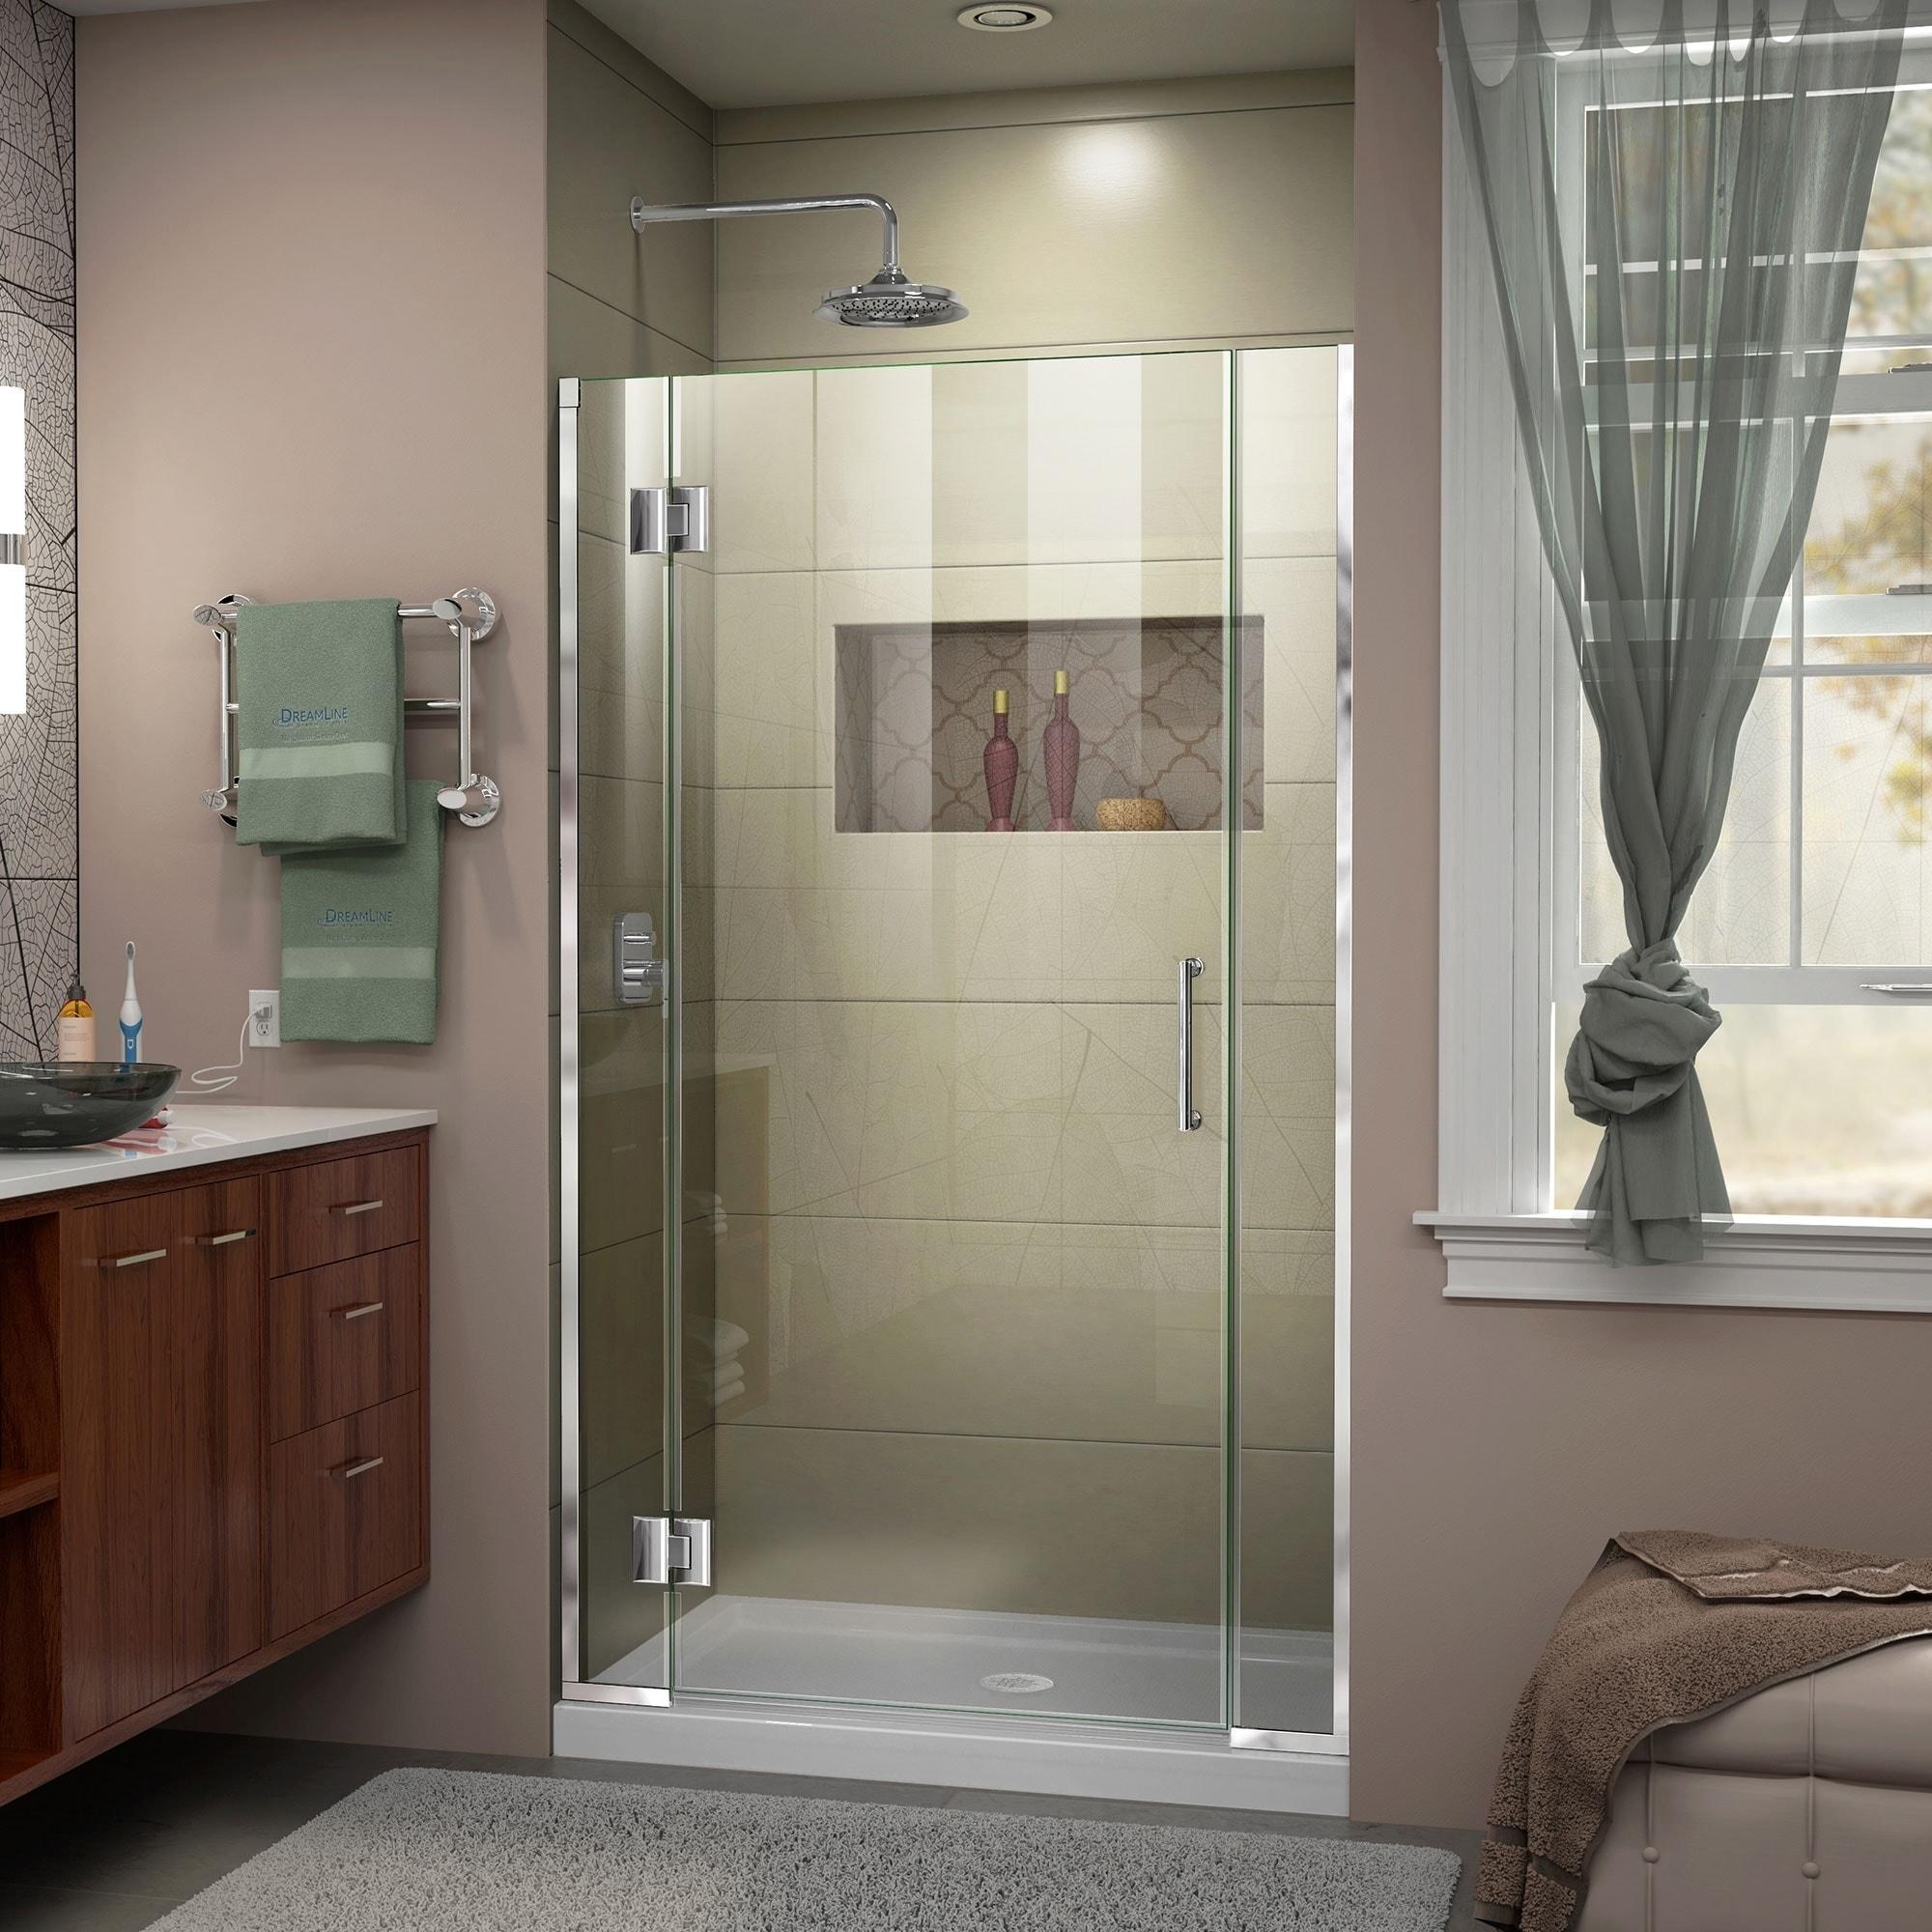 40 inch shower doors Shower Doors & Enclosures